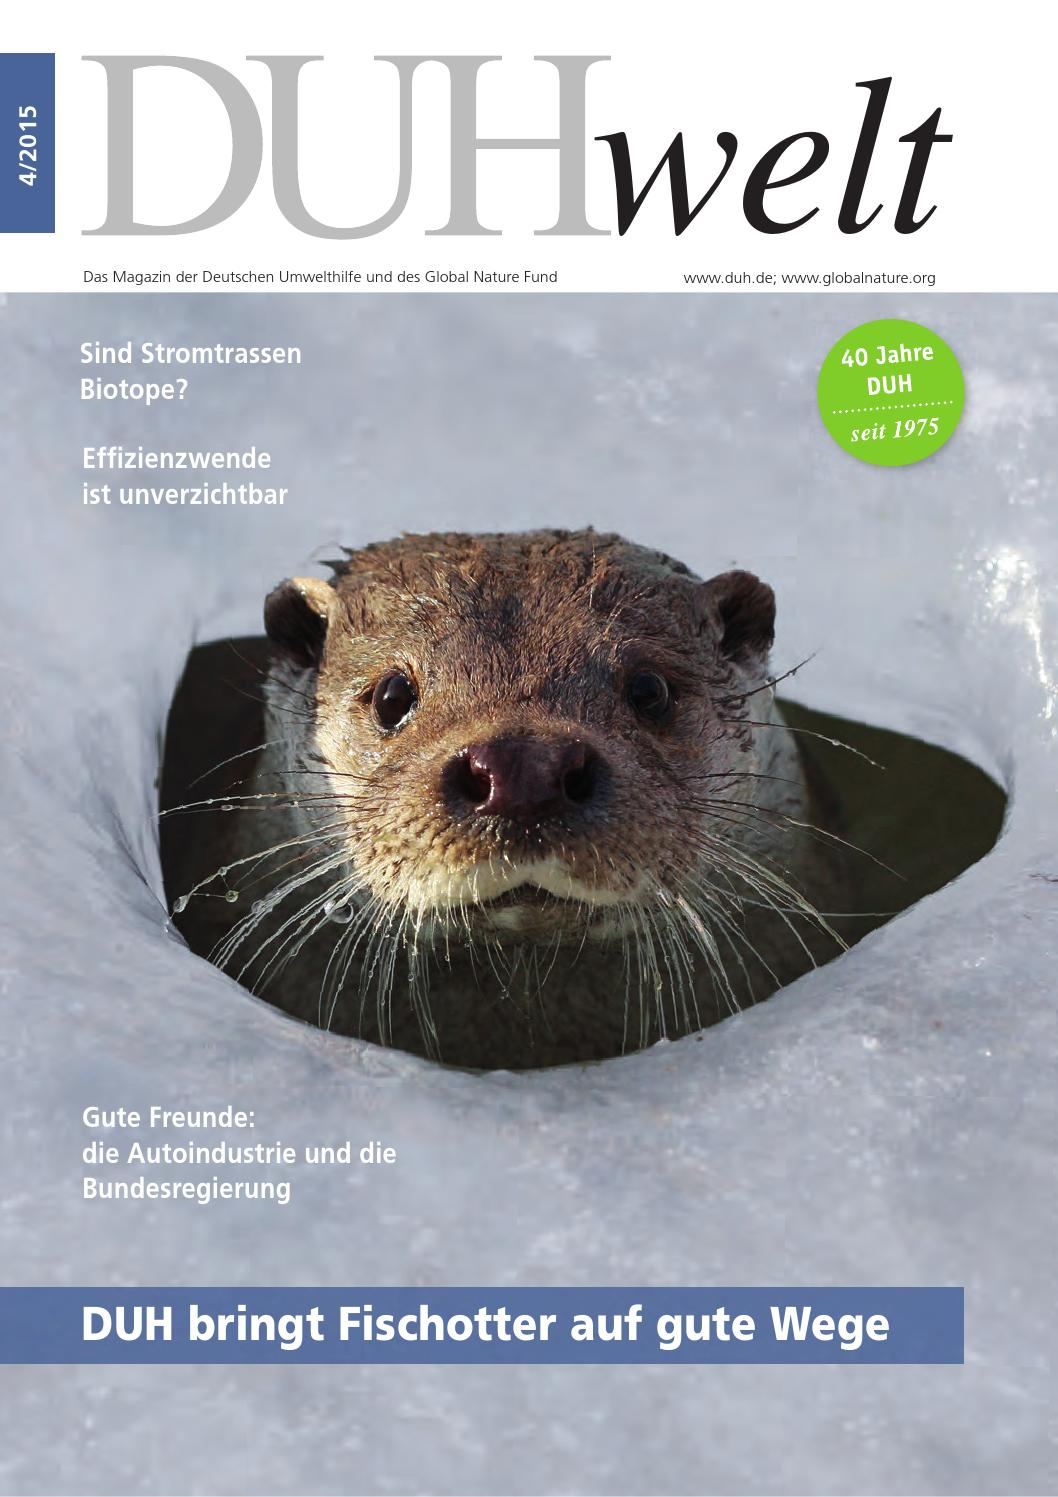 DUHwelt 4/2015 by Deutsche Umwelthilfe - issuu